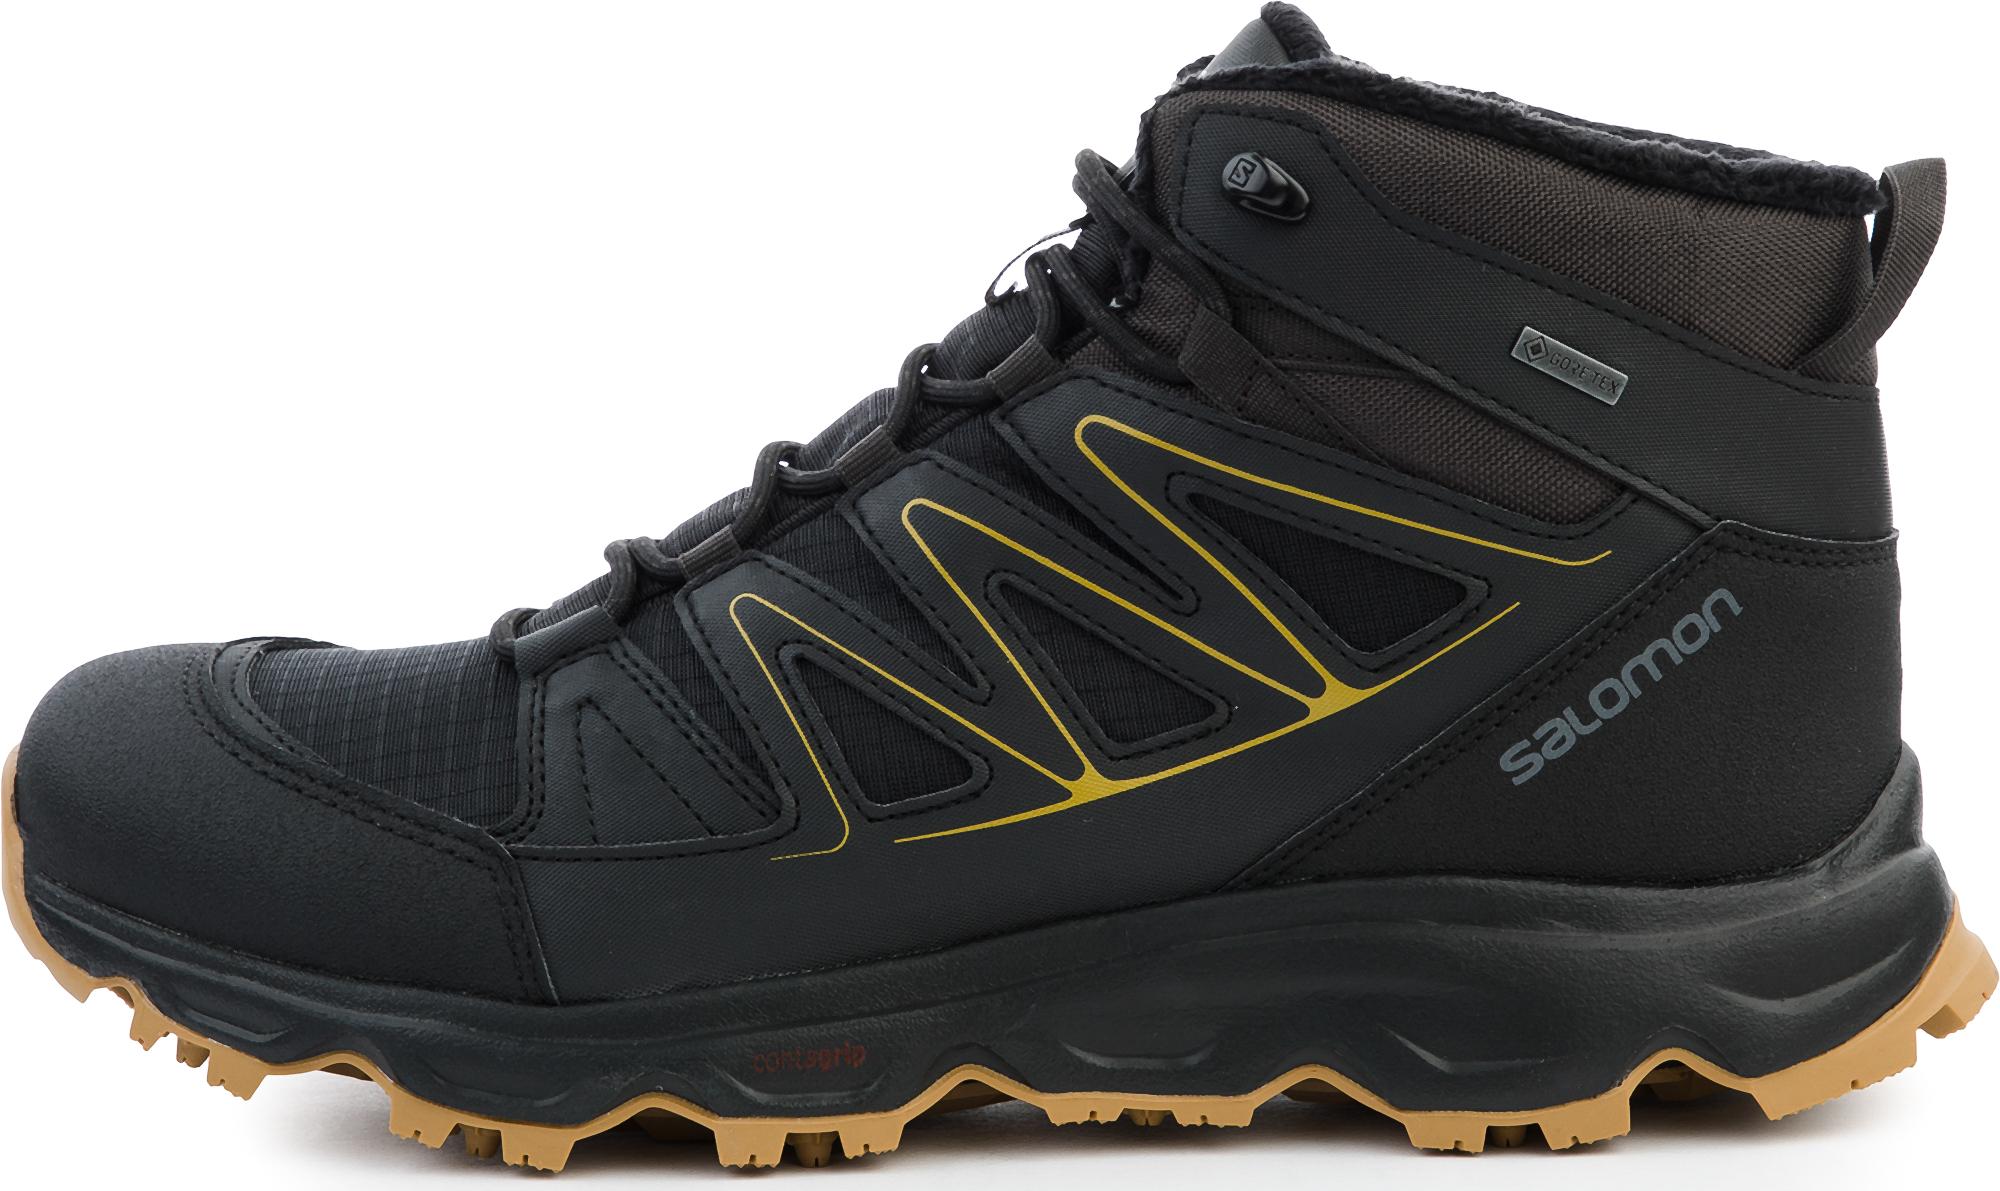 Salomon L41010400-. 11.0 Ботинки мужские утепленные CRUZANO 2 GTX черные/желтые р. 11.0, размер 45.5